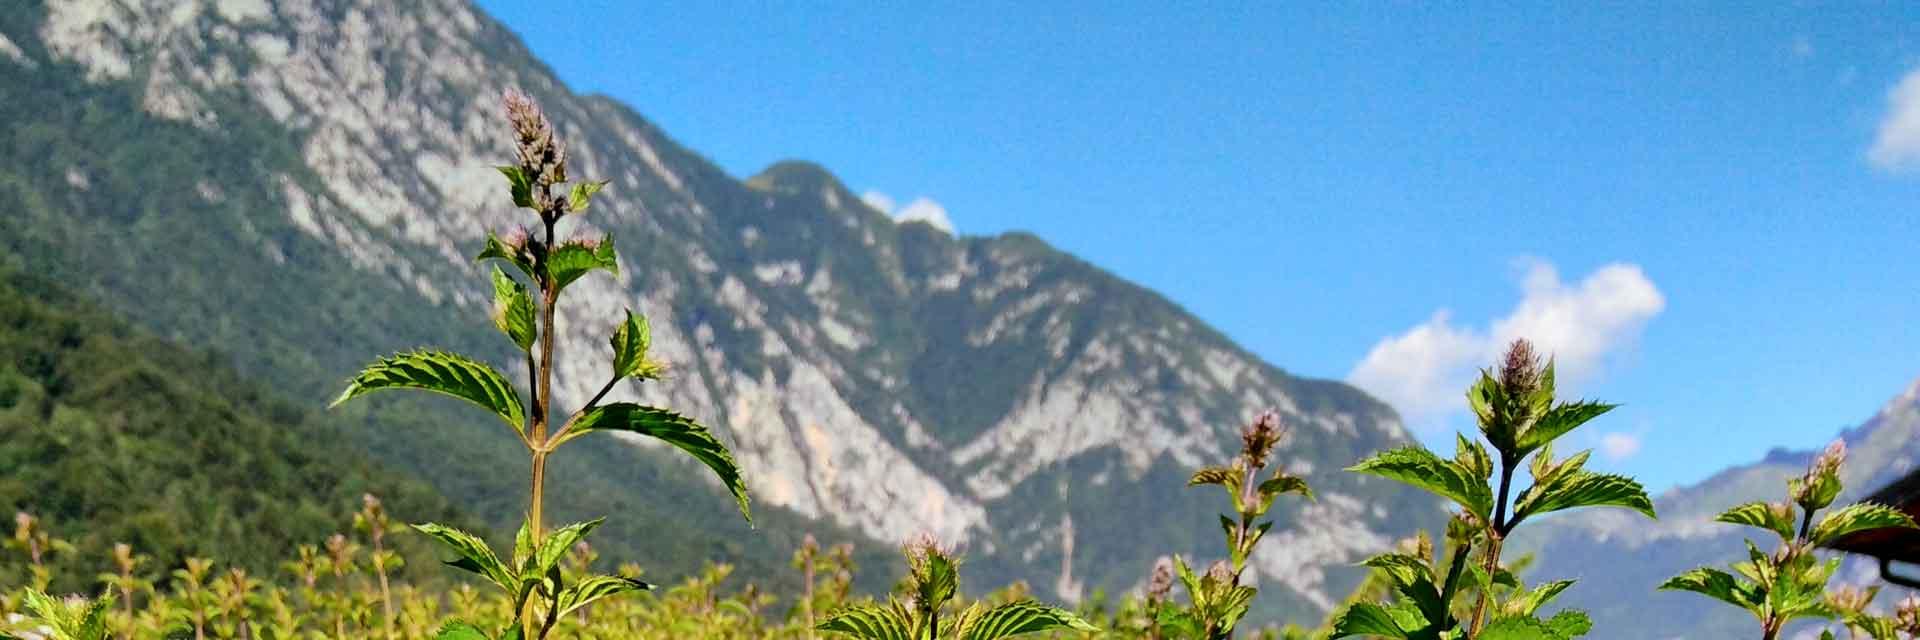 Consorzio delle Valli e delle Dolomiti Friulane